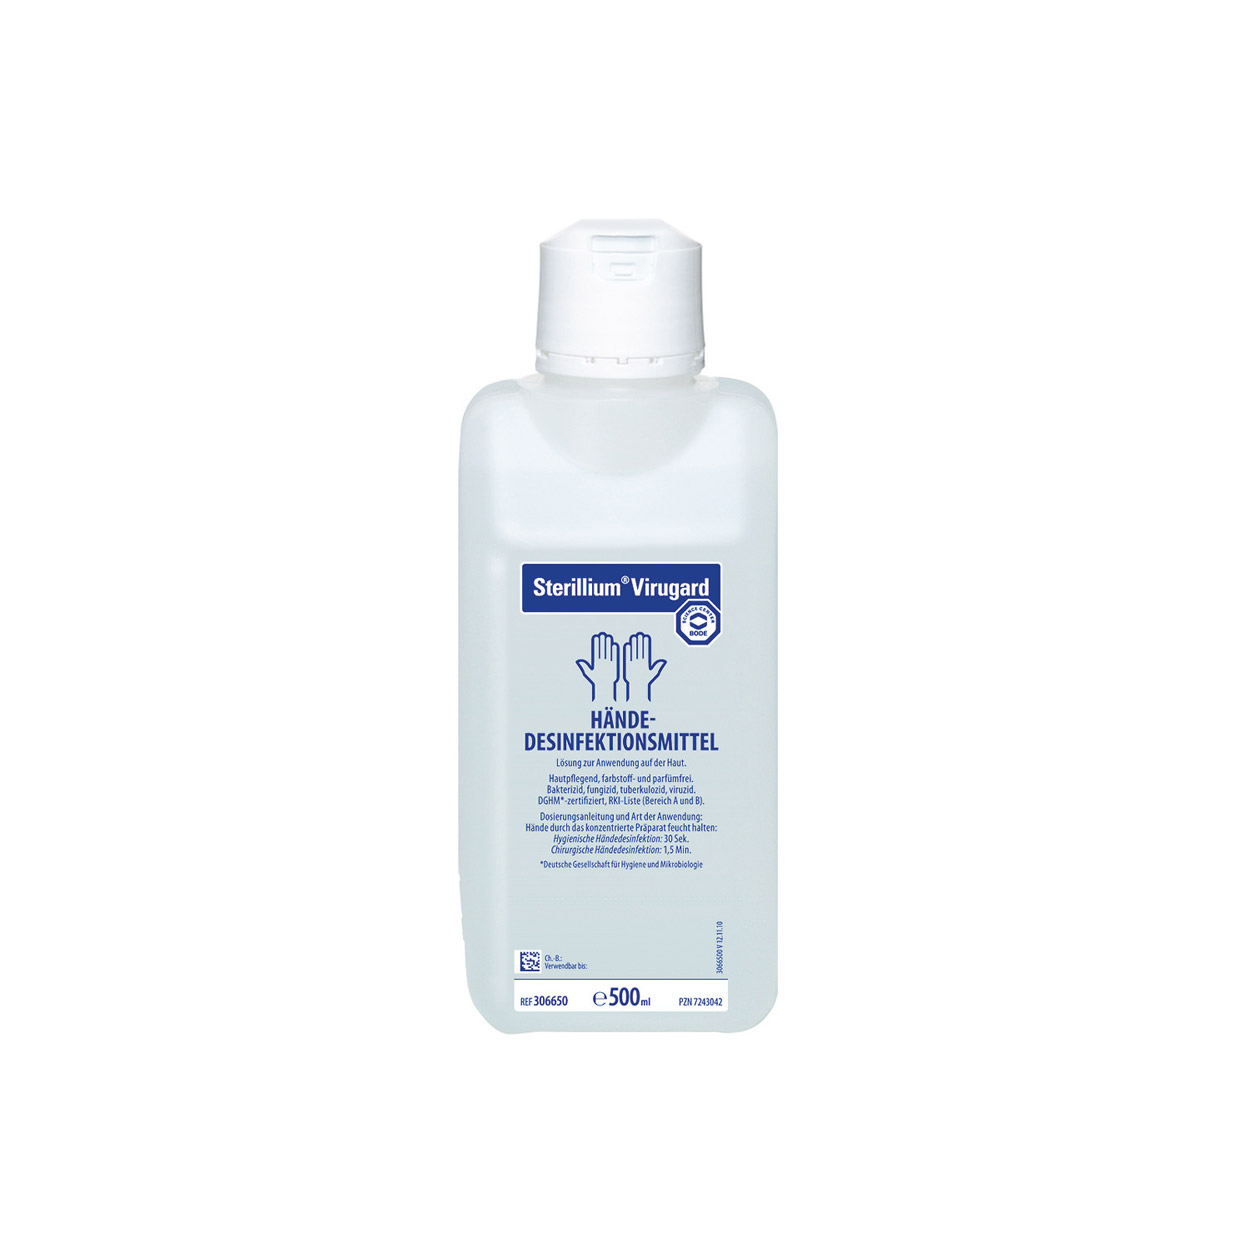 Sterillium® Virugard 500 ml-Flasche